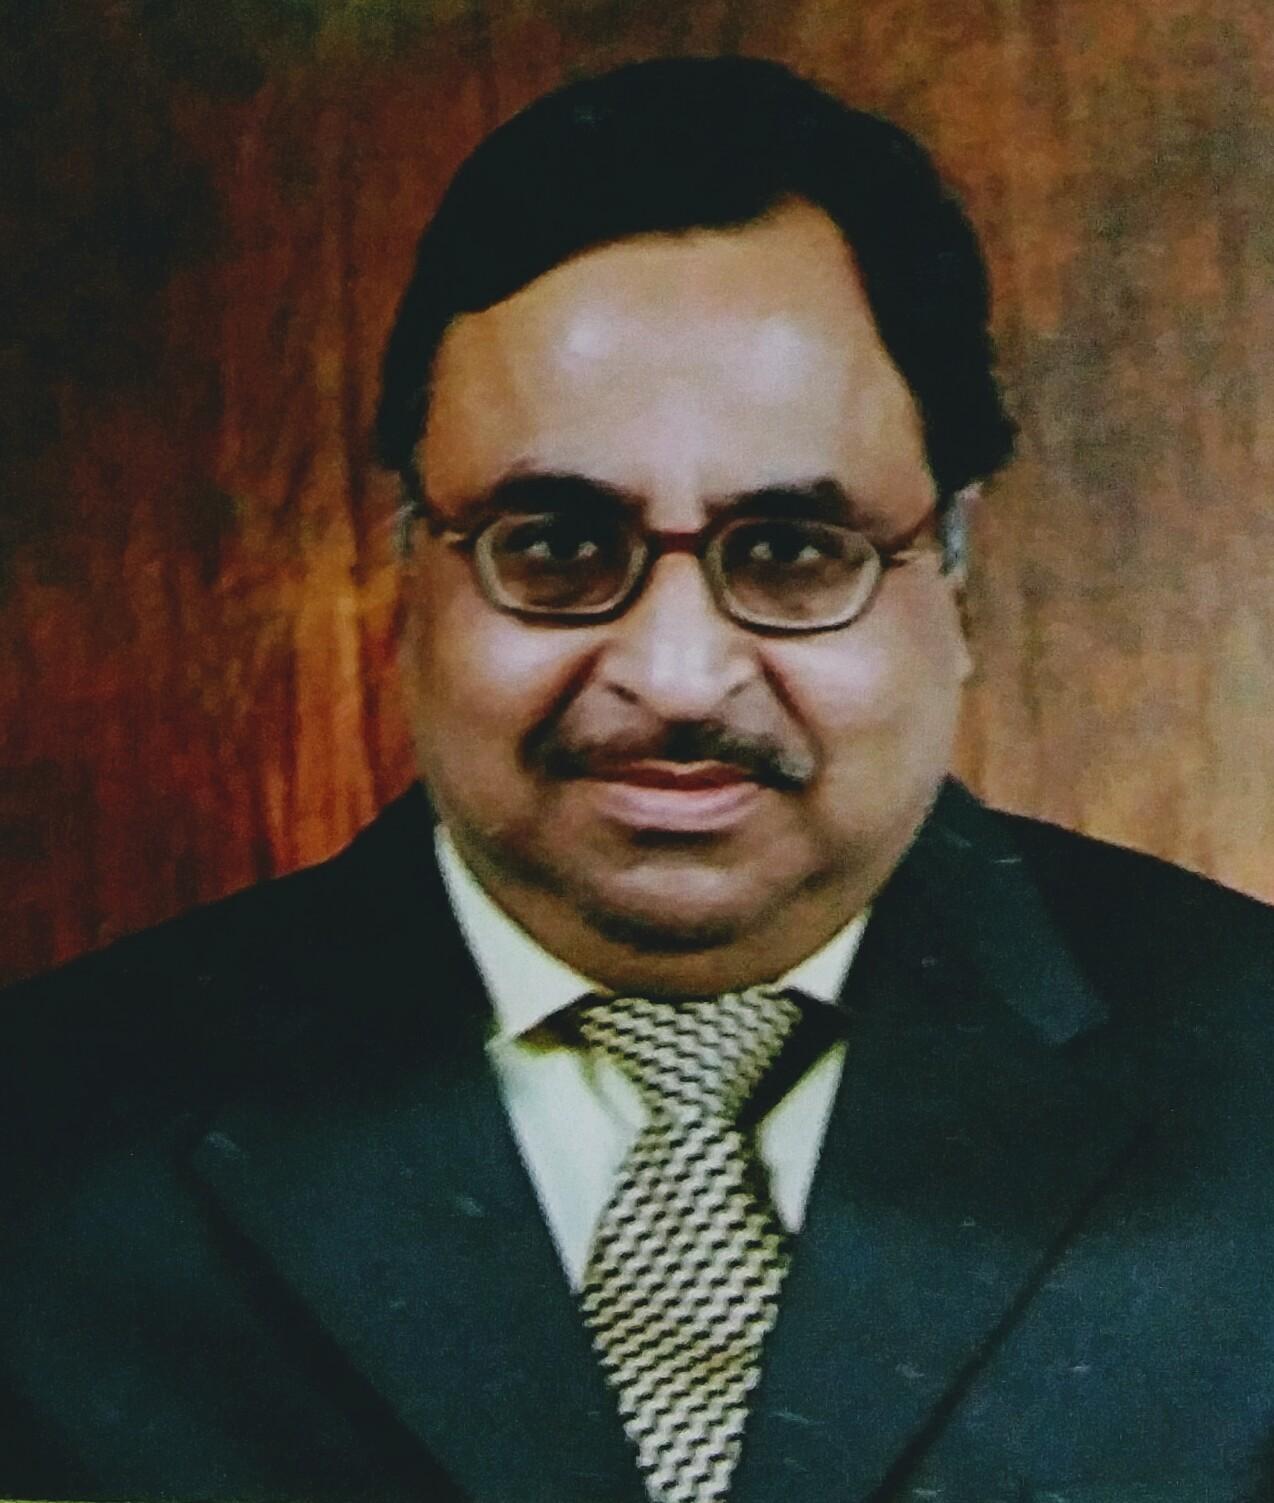 निर्मल गुप्ता (हेतमपुरिअ)